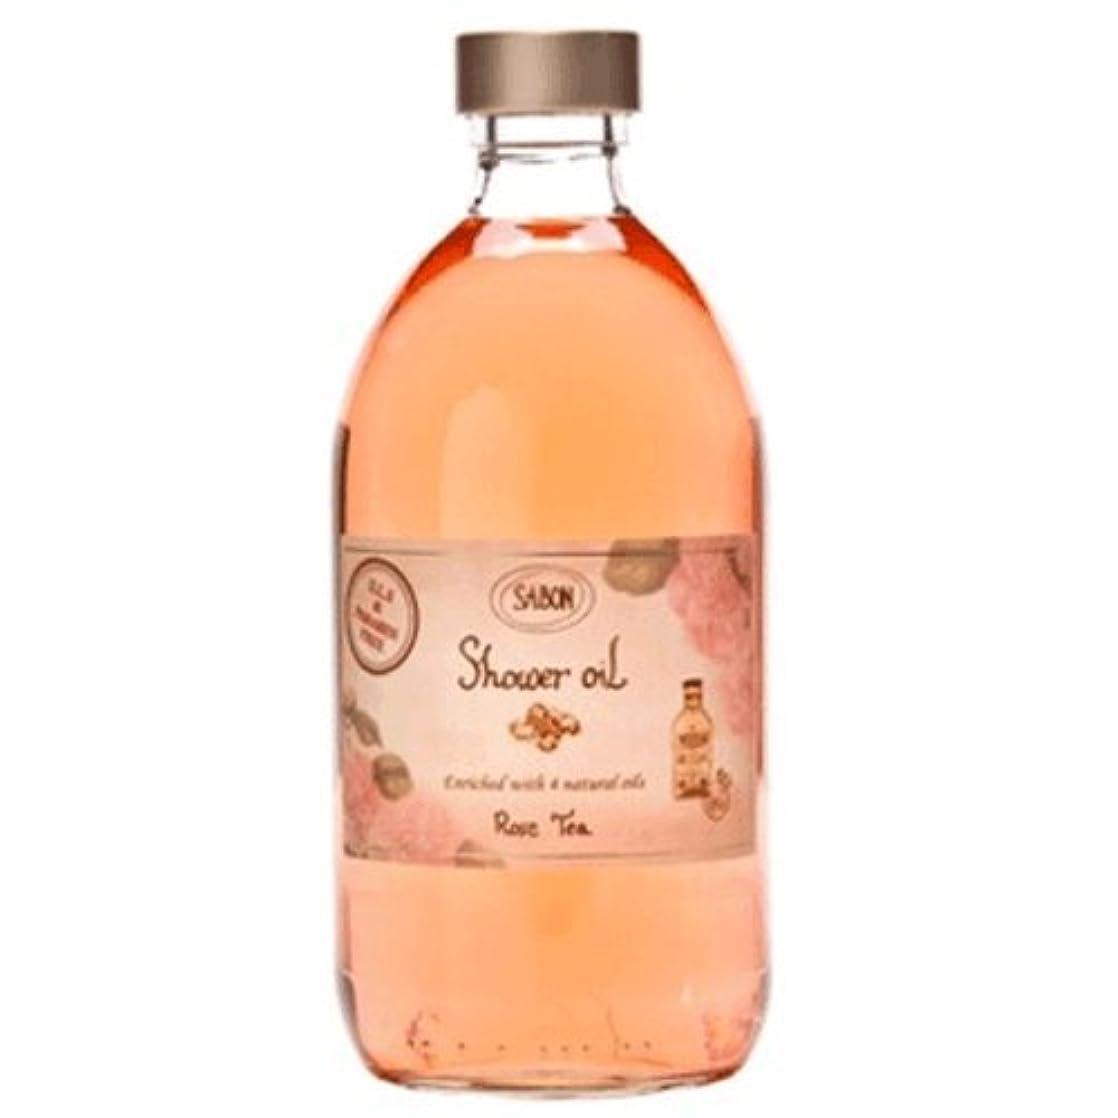 ブロー麻痺悪意のある【サボン】シャワーオイル ローズティー(Rose Tea) ポンプ付き 500ml